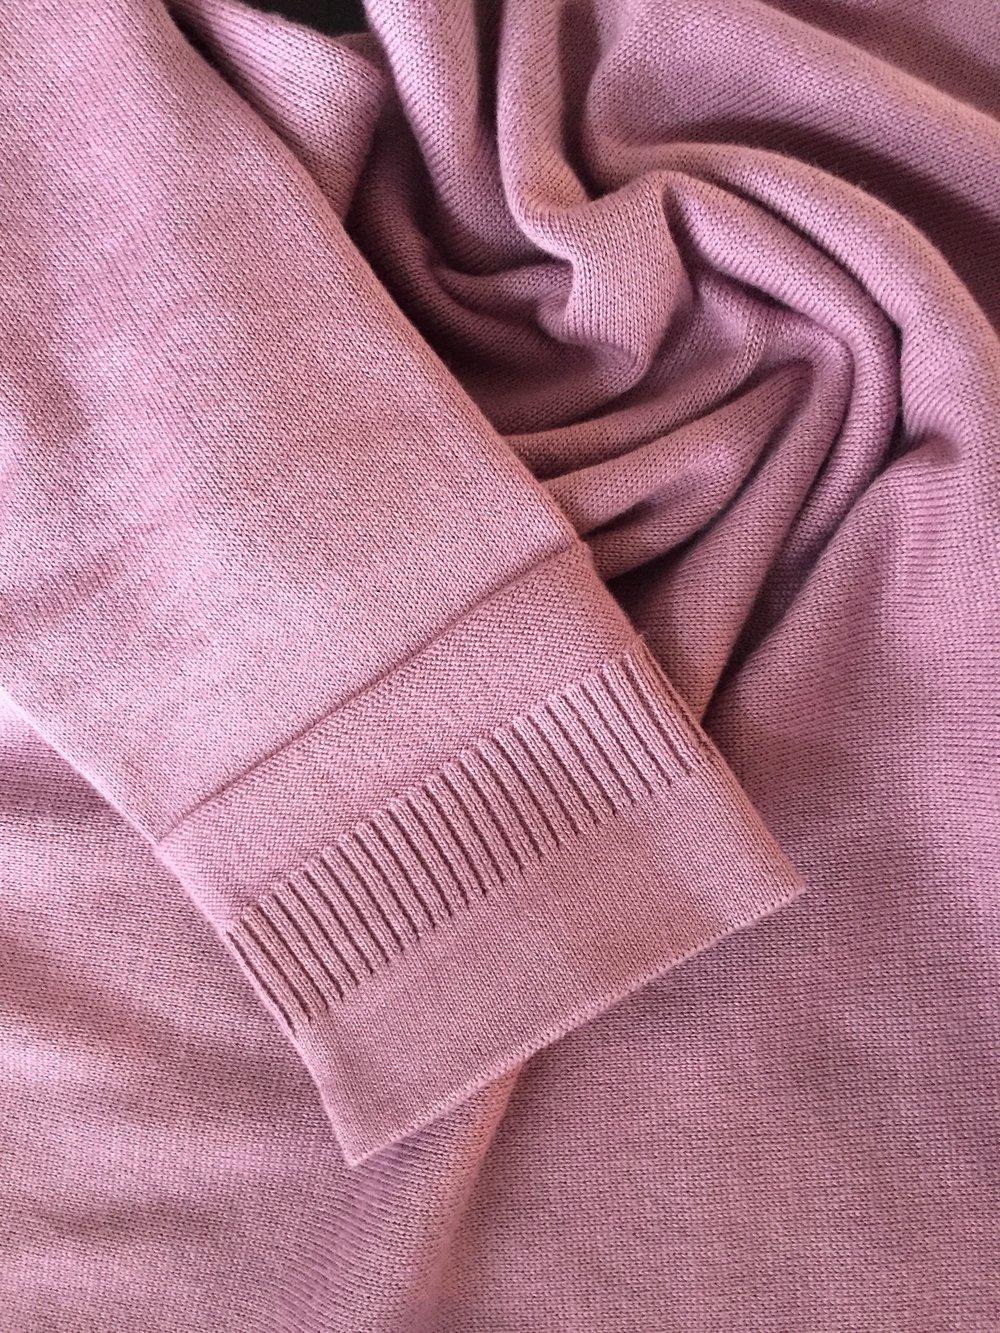 Joan-60s knit dress - 70s floral purple